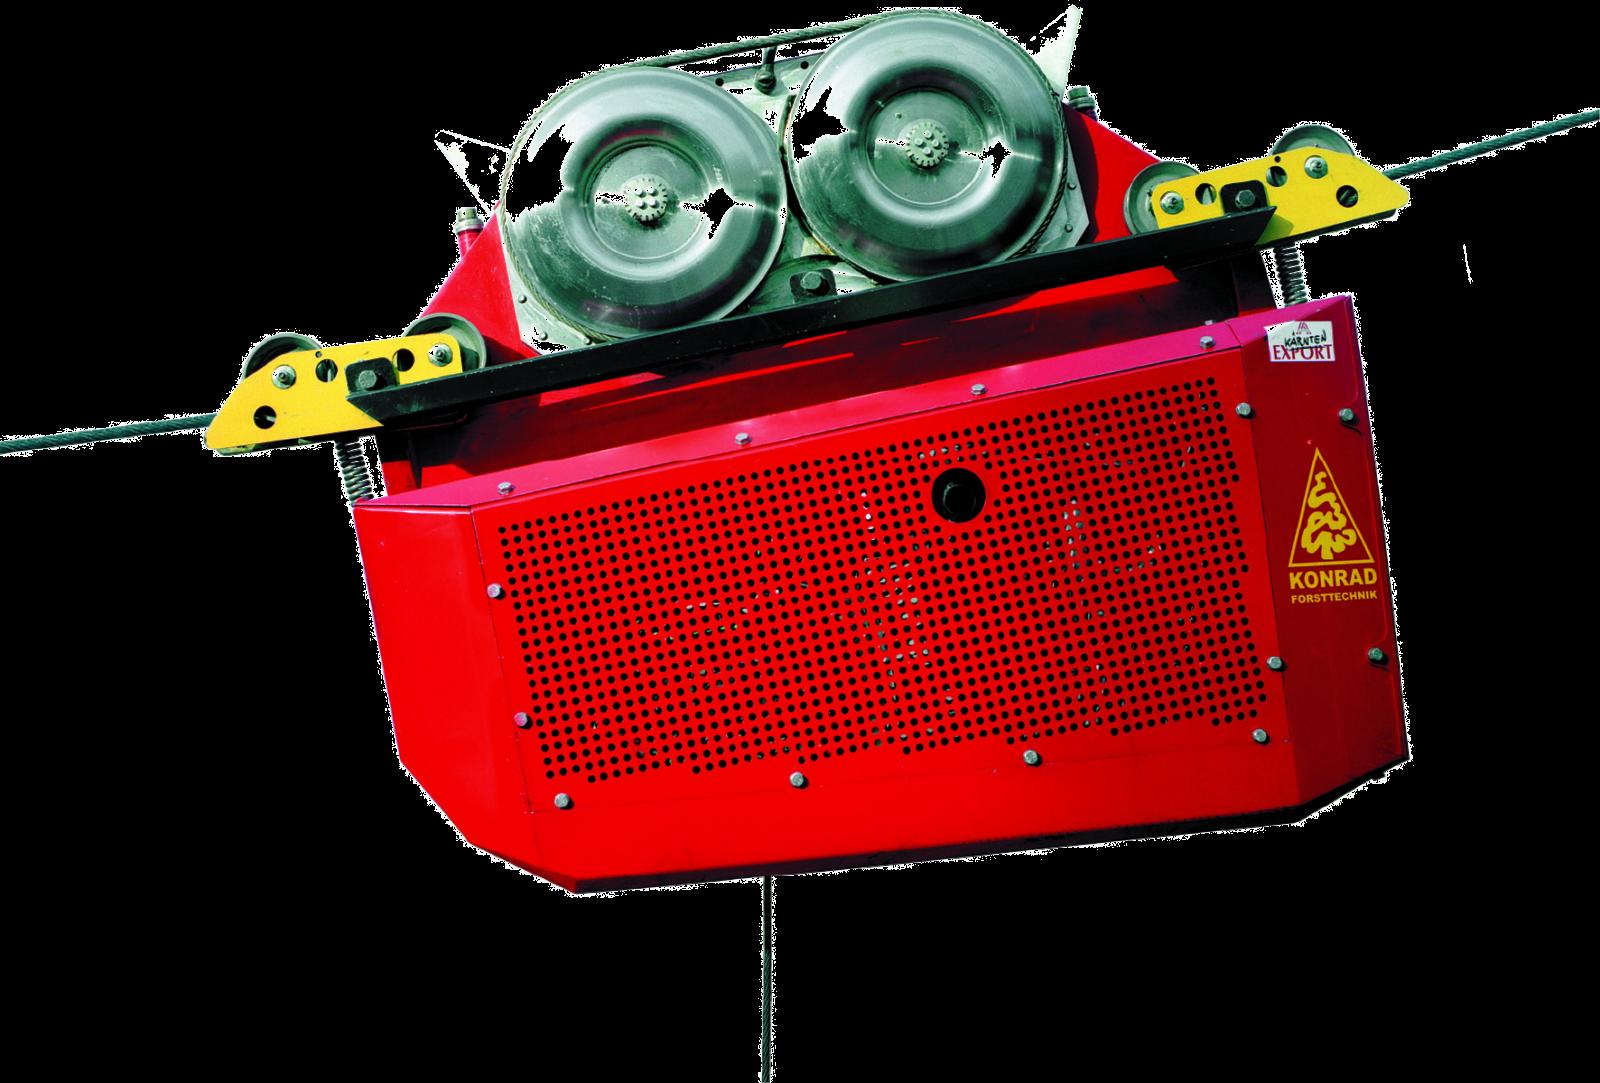 高性能自走式搬器 ウッドライナー 林業機械